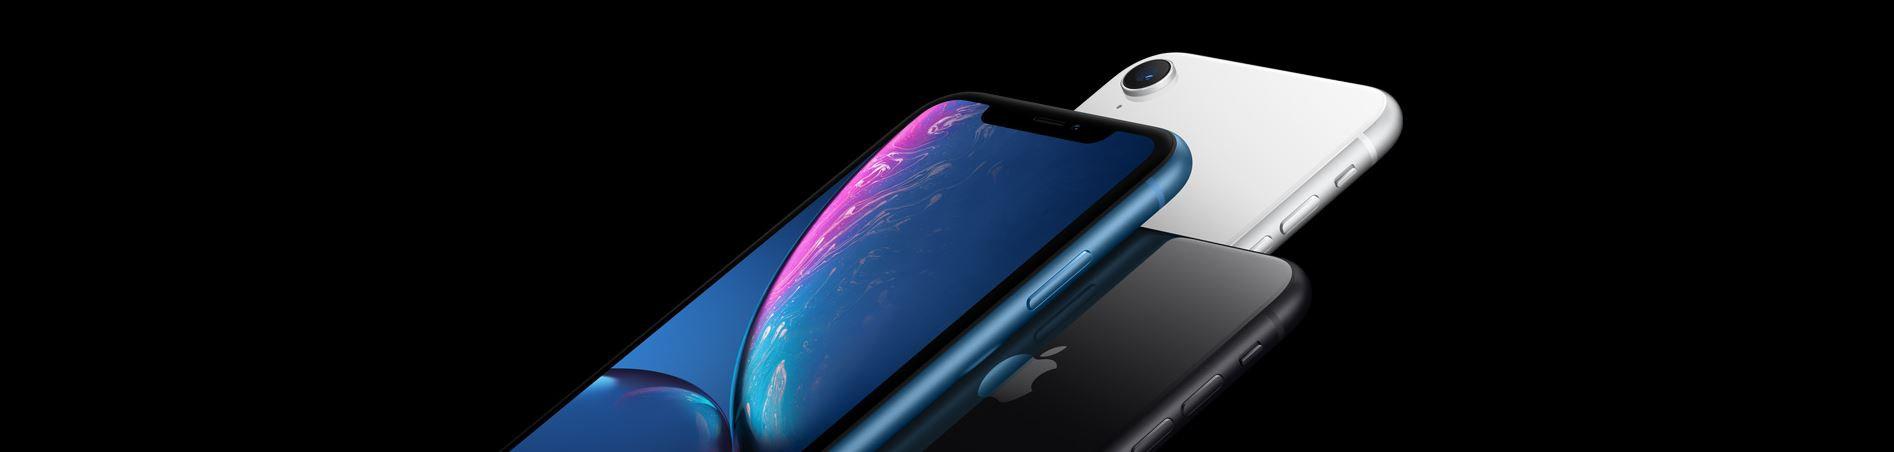 iphones new.JPG